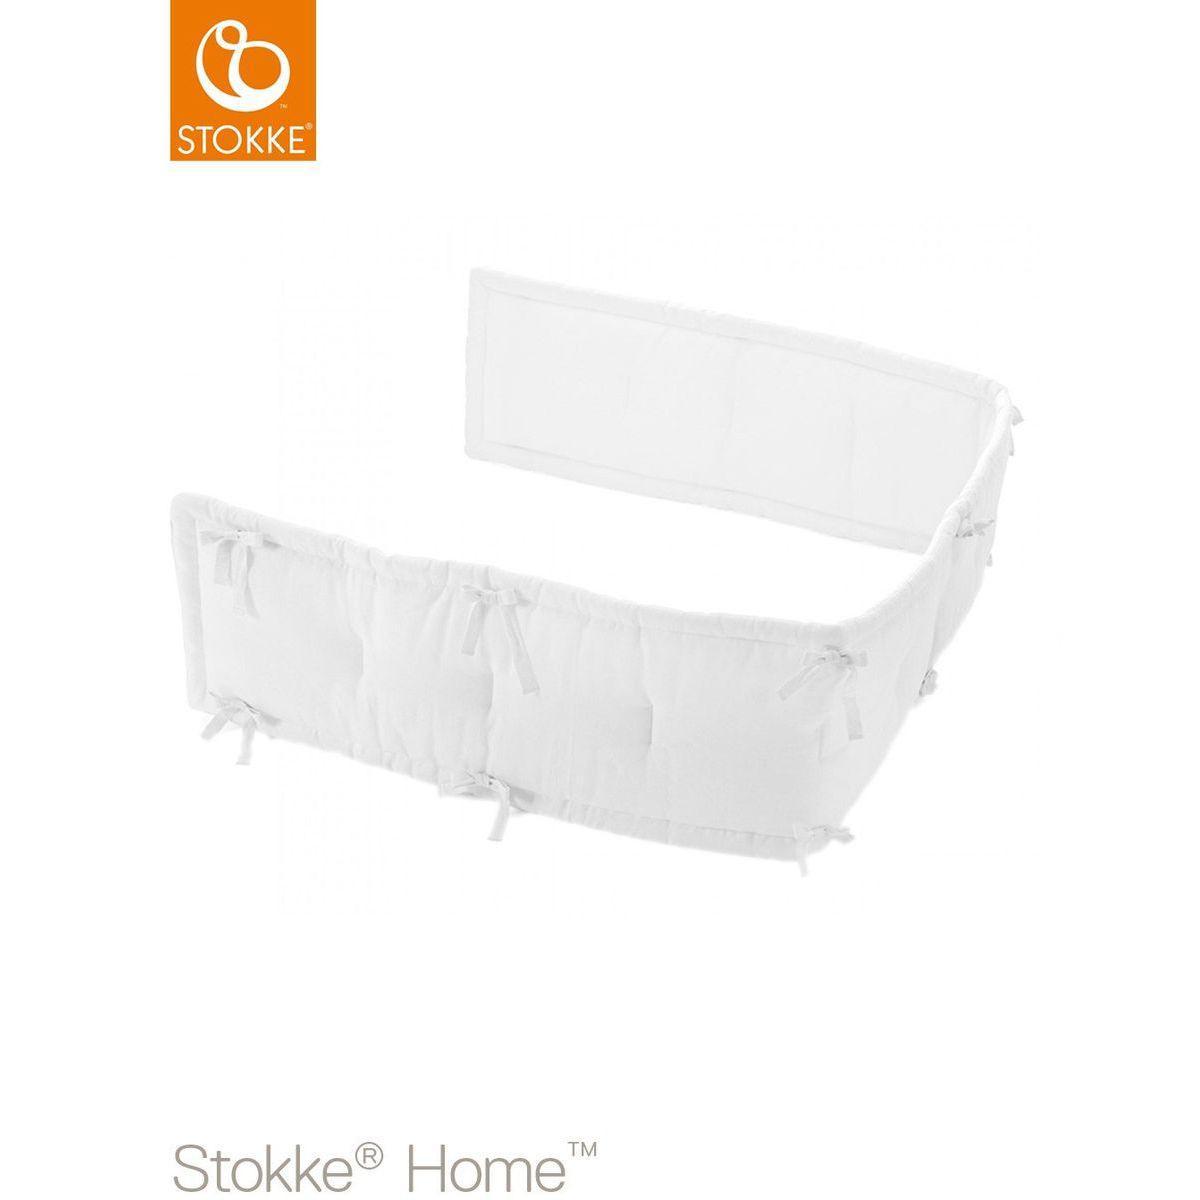 Protector cuna-cama HOME Stokke blanc